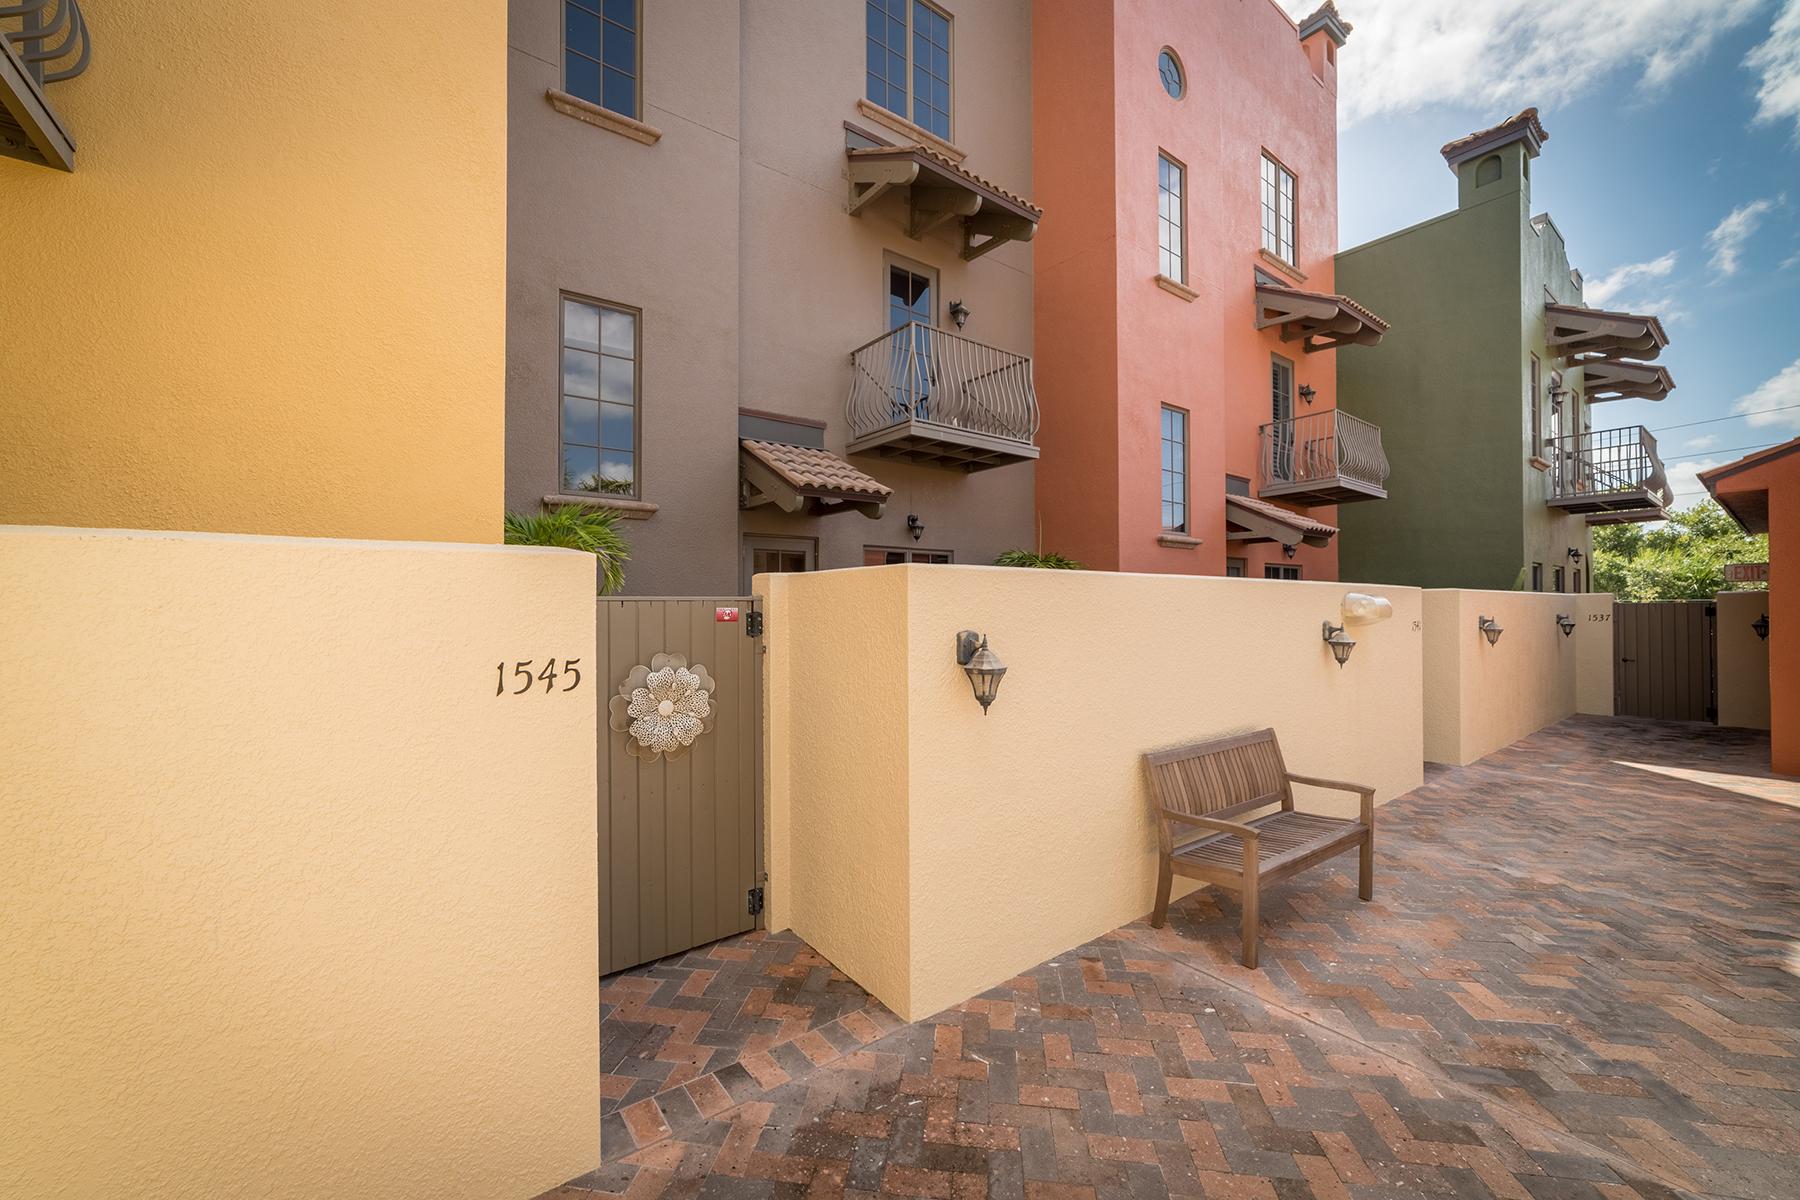 Condominium for Sale at BURNS COURT VILLAS 1545 Oak St 10, Sarasota, Florida 34236 United States